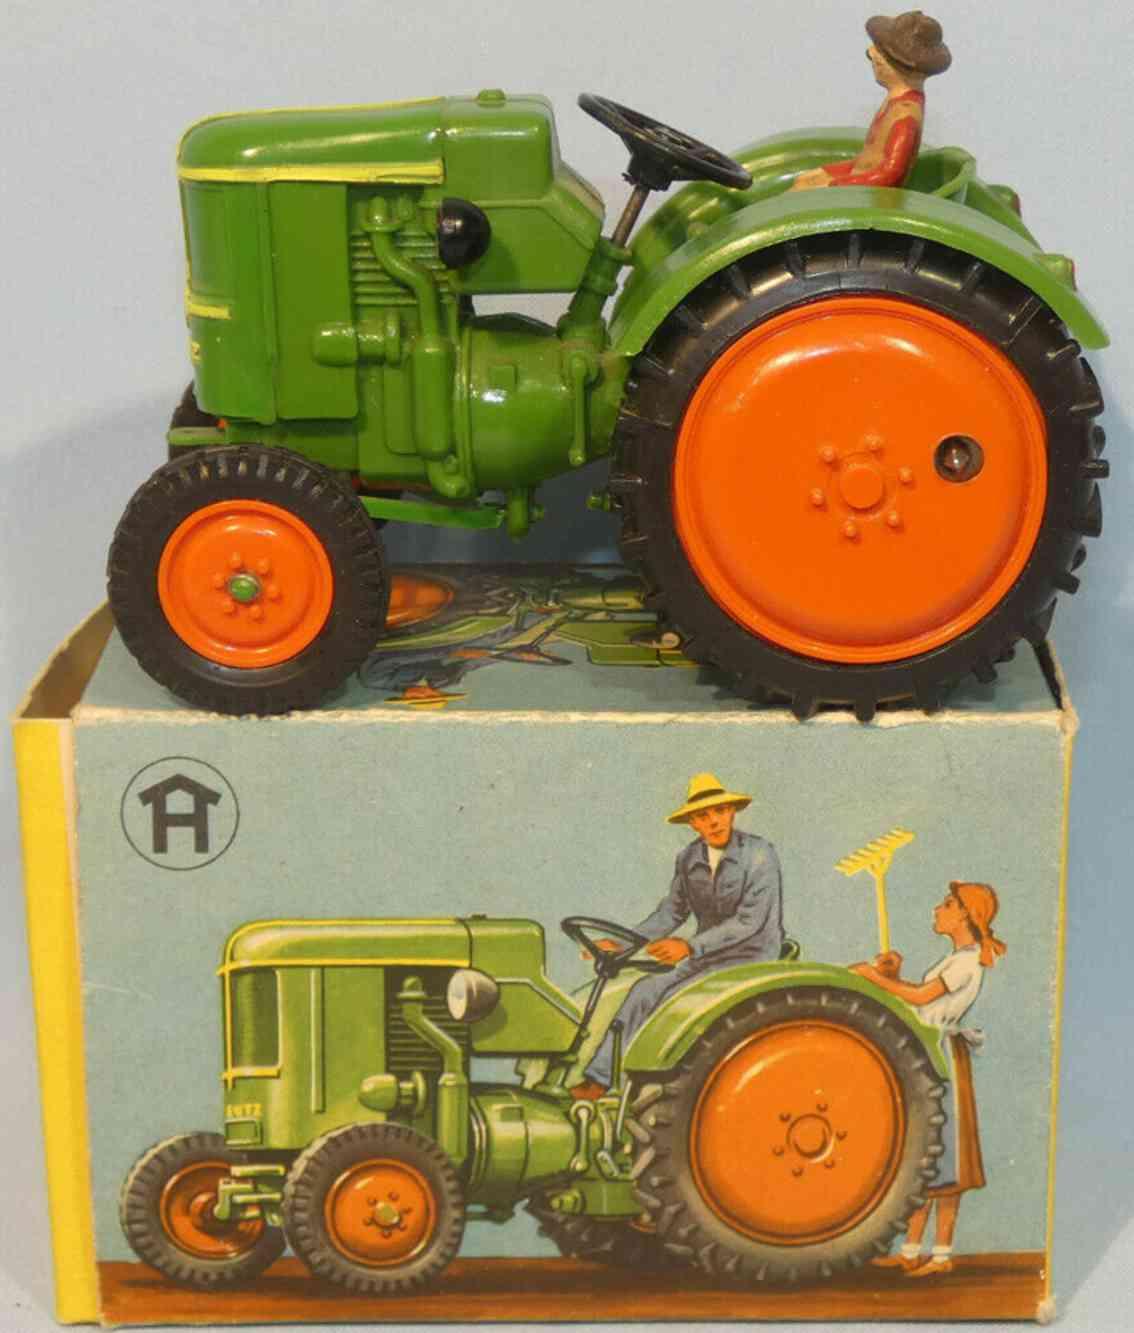 hausser elastolin 2452 plastik spielzeug traktor uhrwerk gruen rot gelb